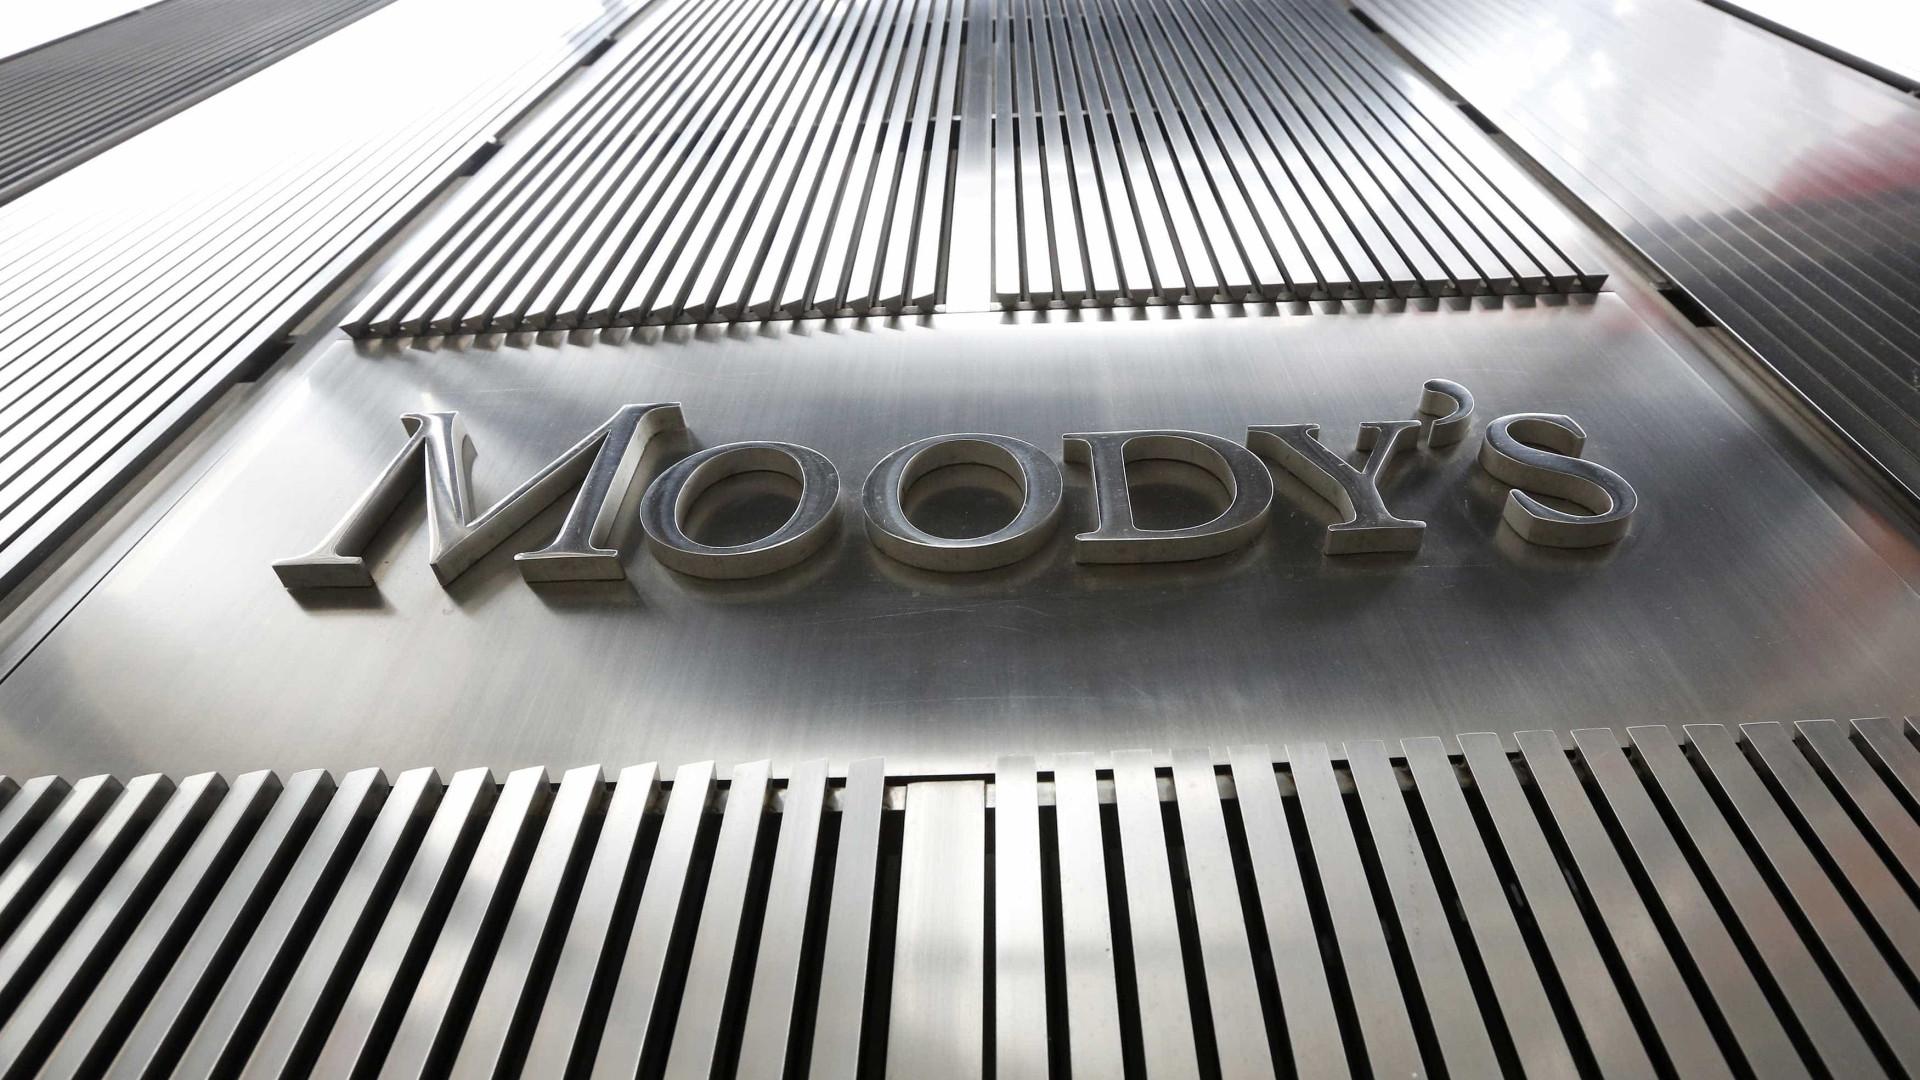 Moody's sobe 'rating' da dívida sénior de longo prazo da CGD para Baa2